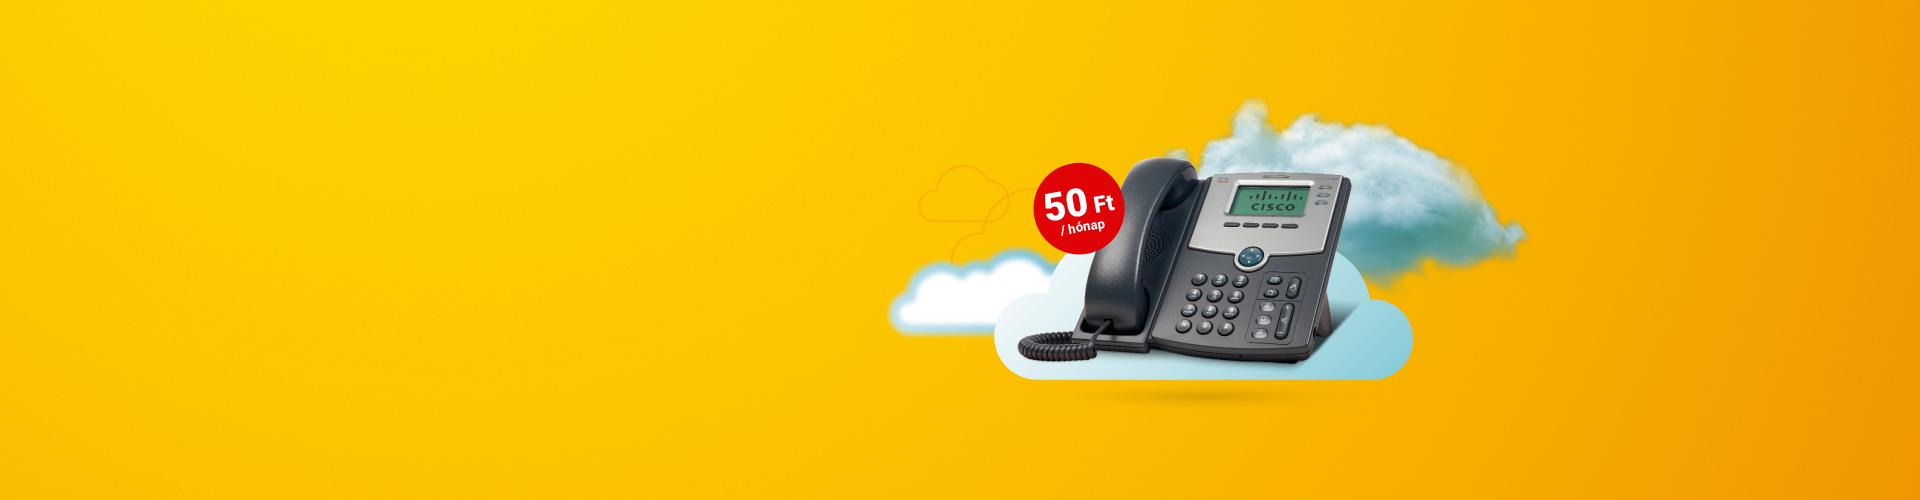 opennet vezetékes telefon előfizetés